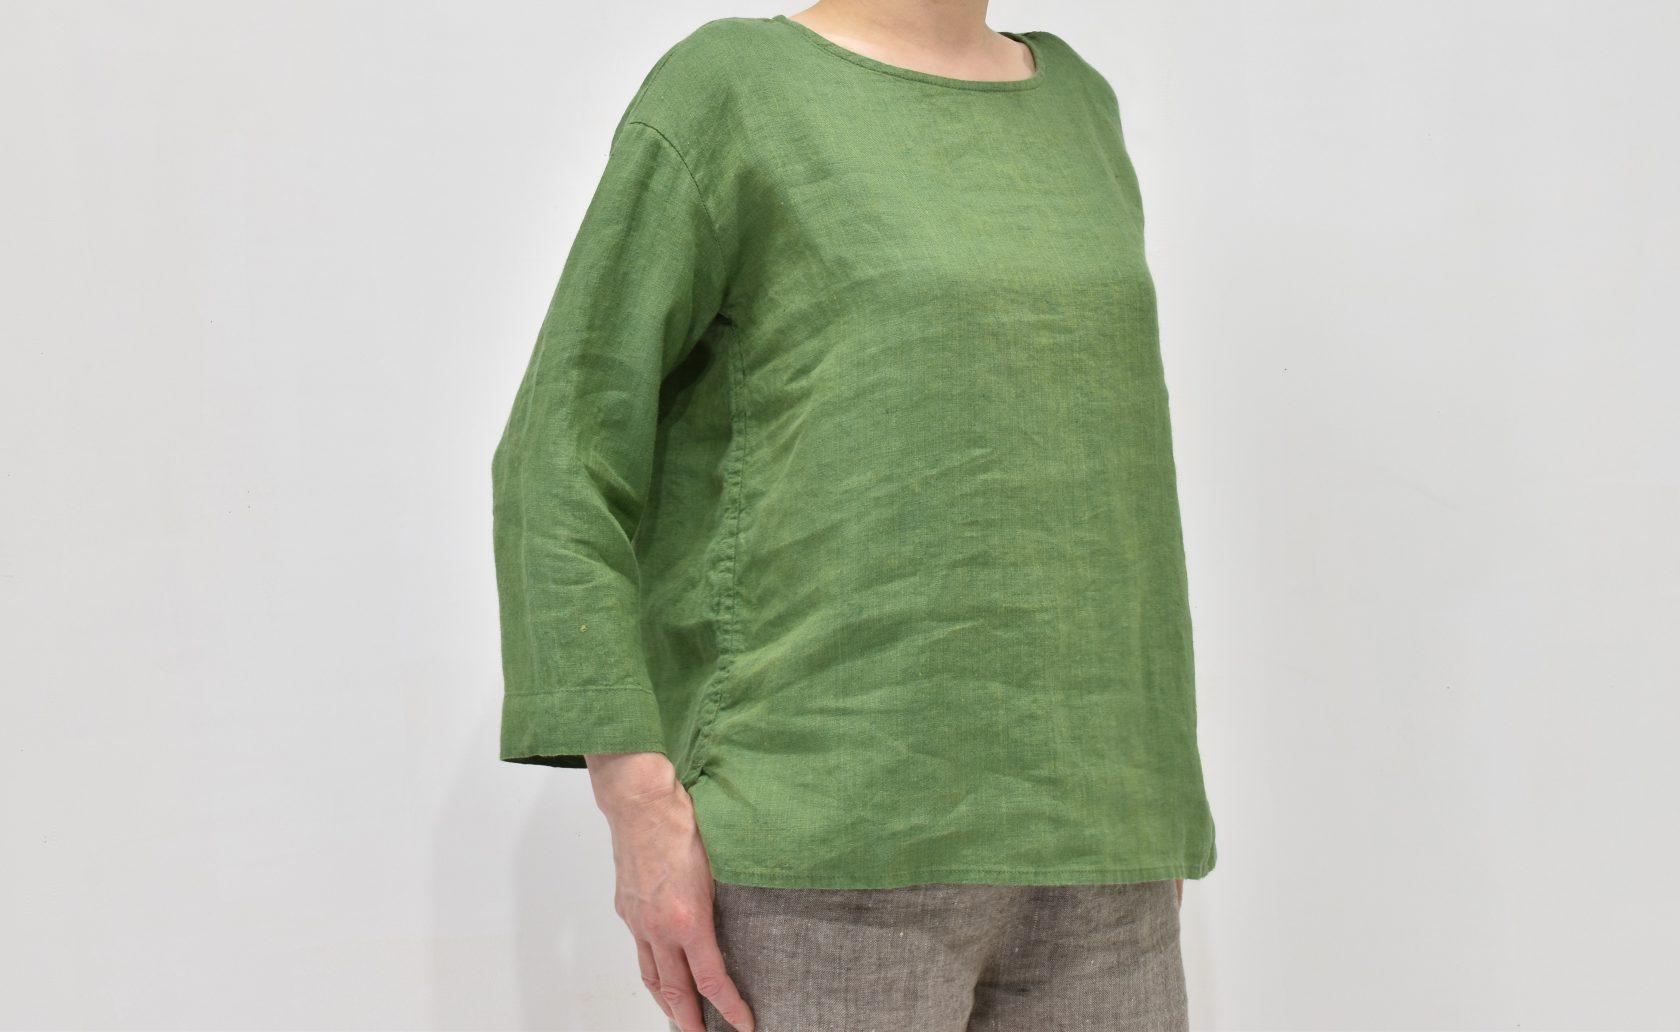 ファブリックスのリトアニアリネンクルーネックシャツ